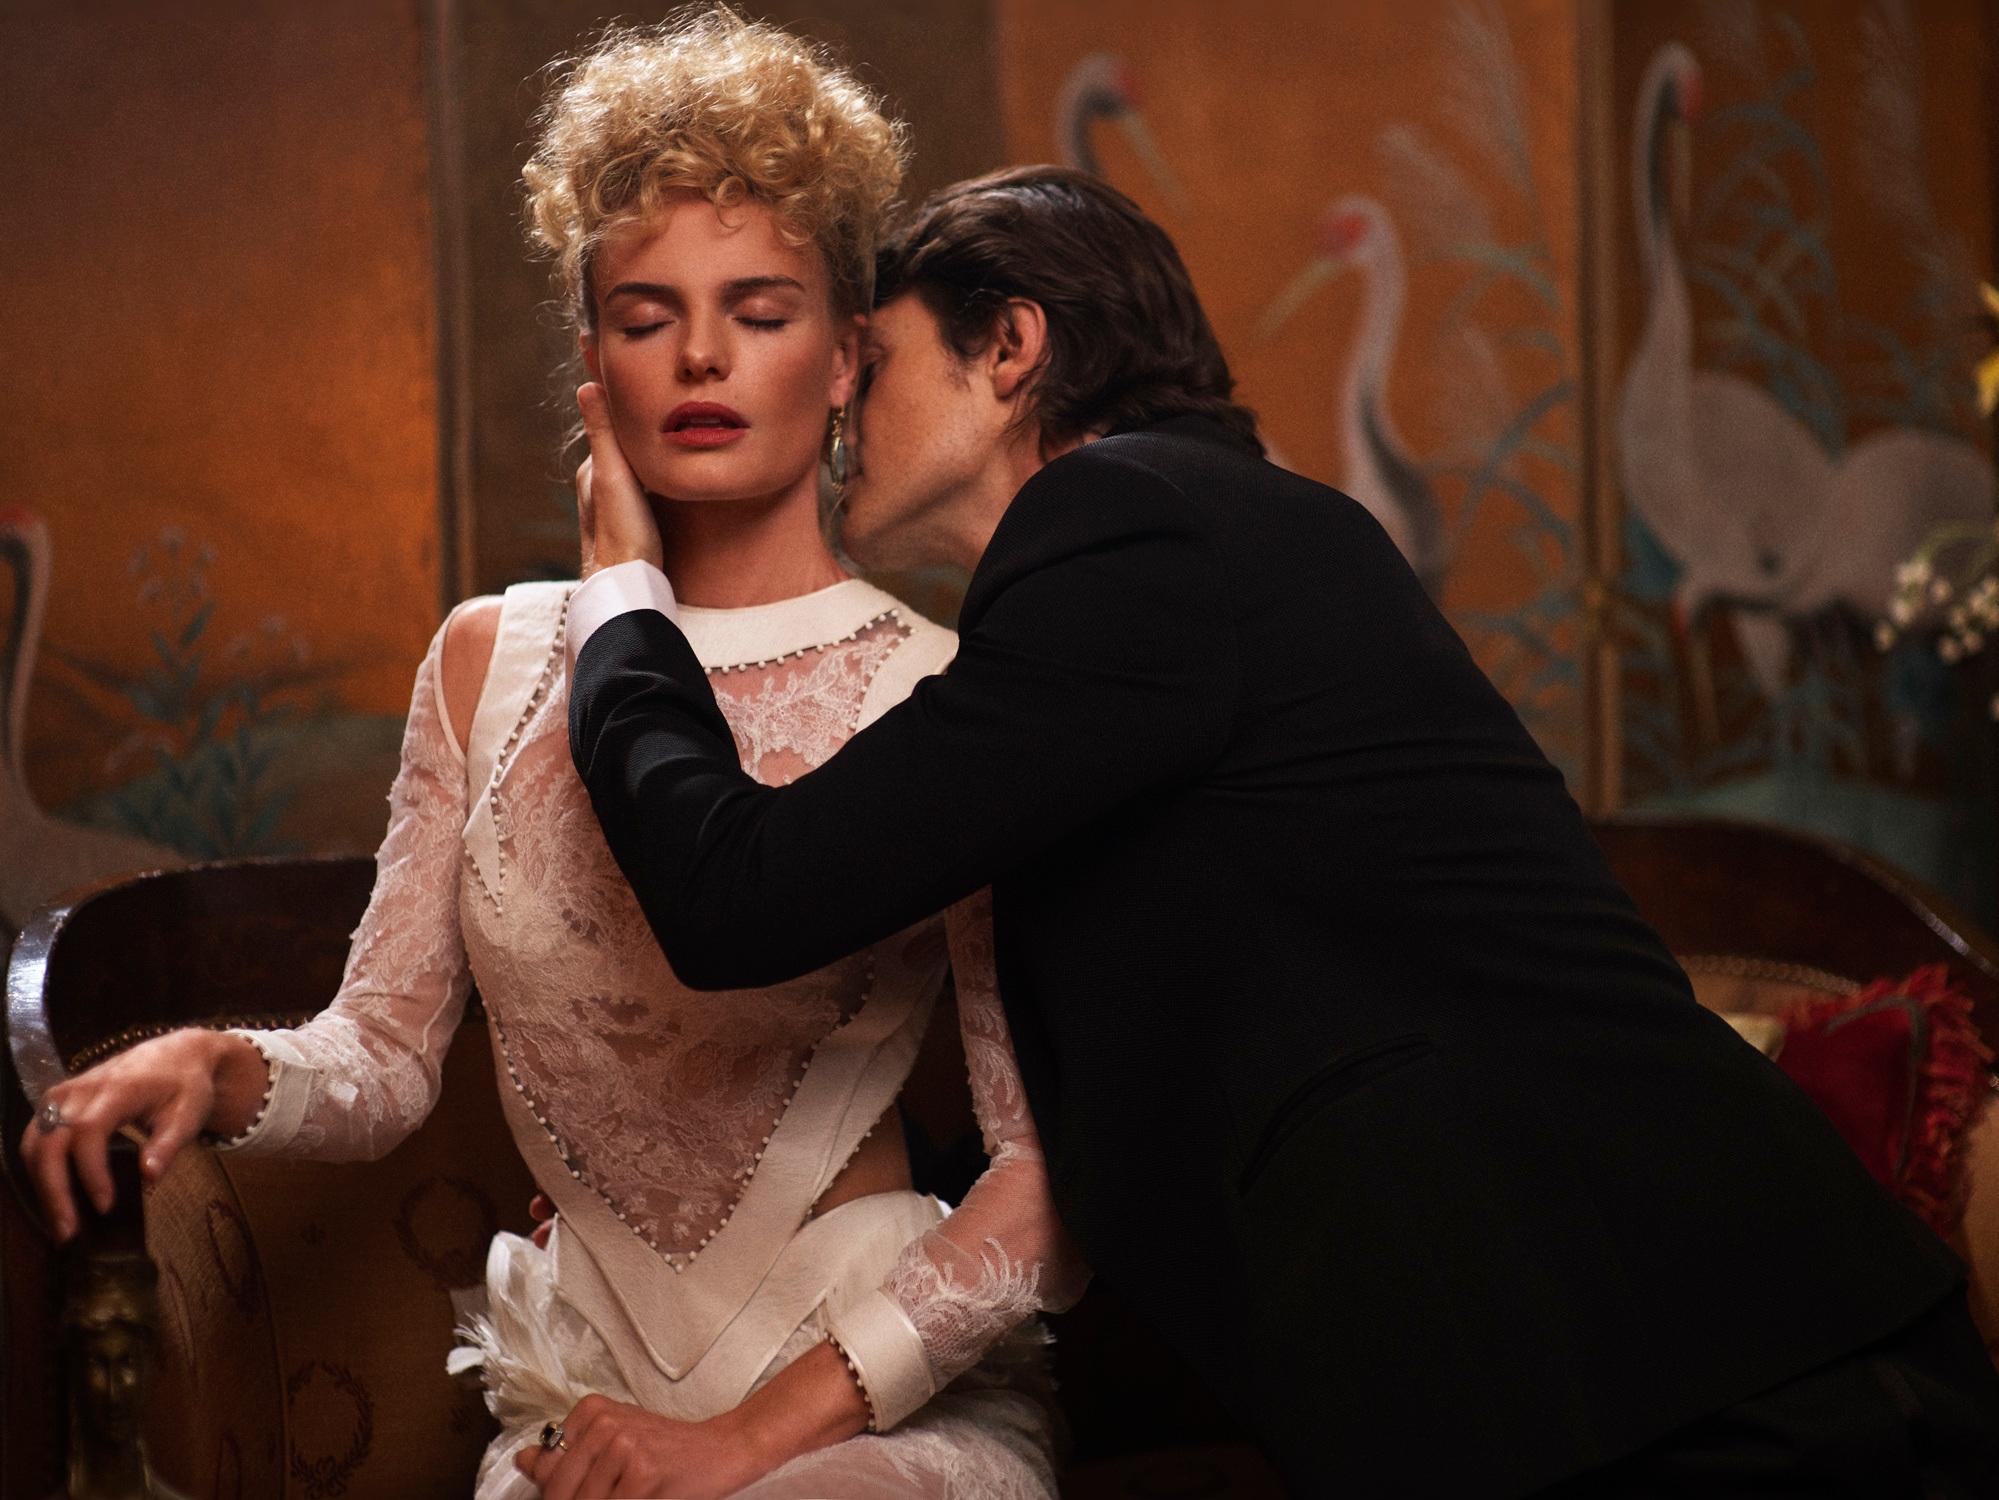 JS_Bazaar_Scorsese_2177_V3.jpg